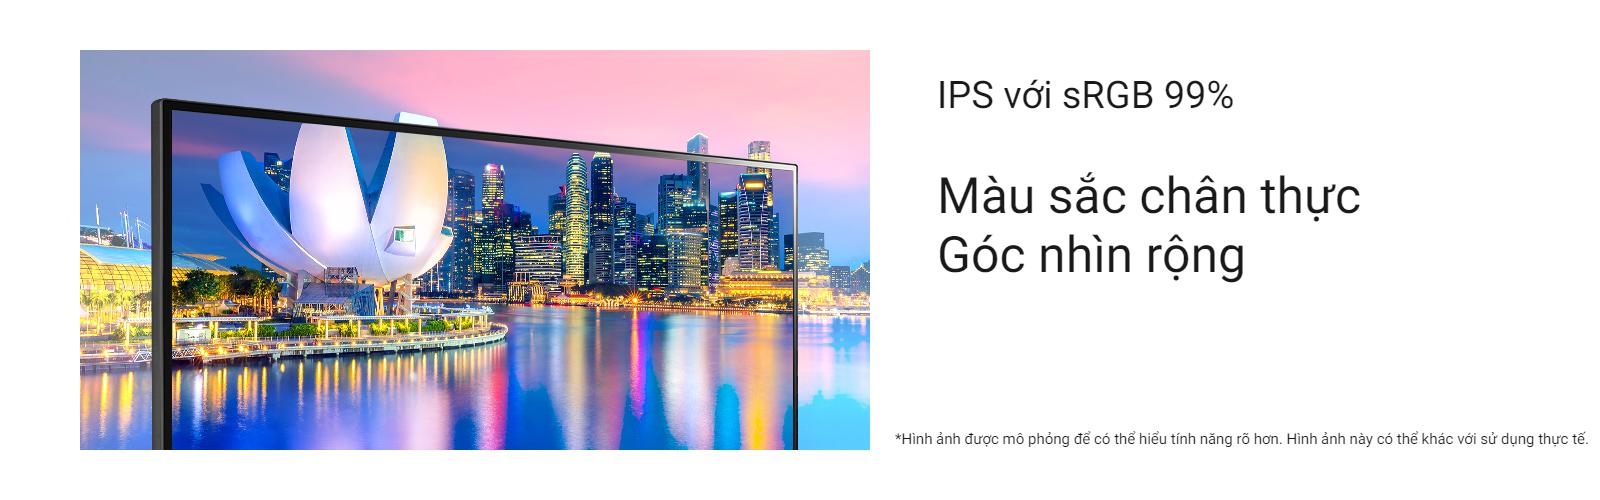 IPS với sRGB 99% (điển hình)